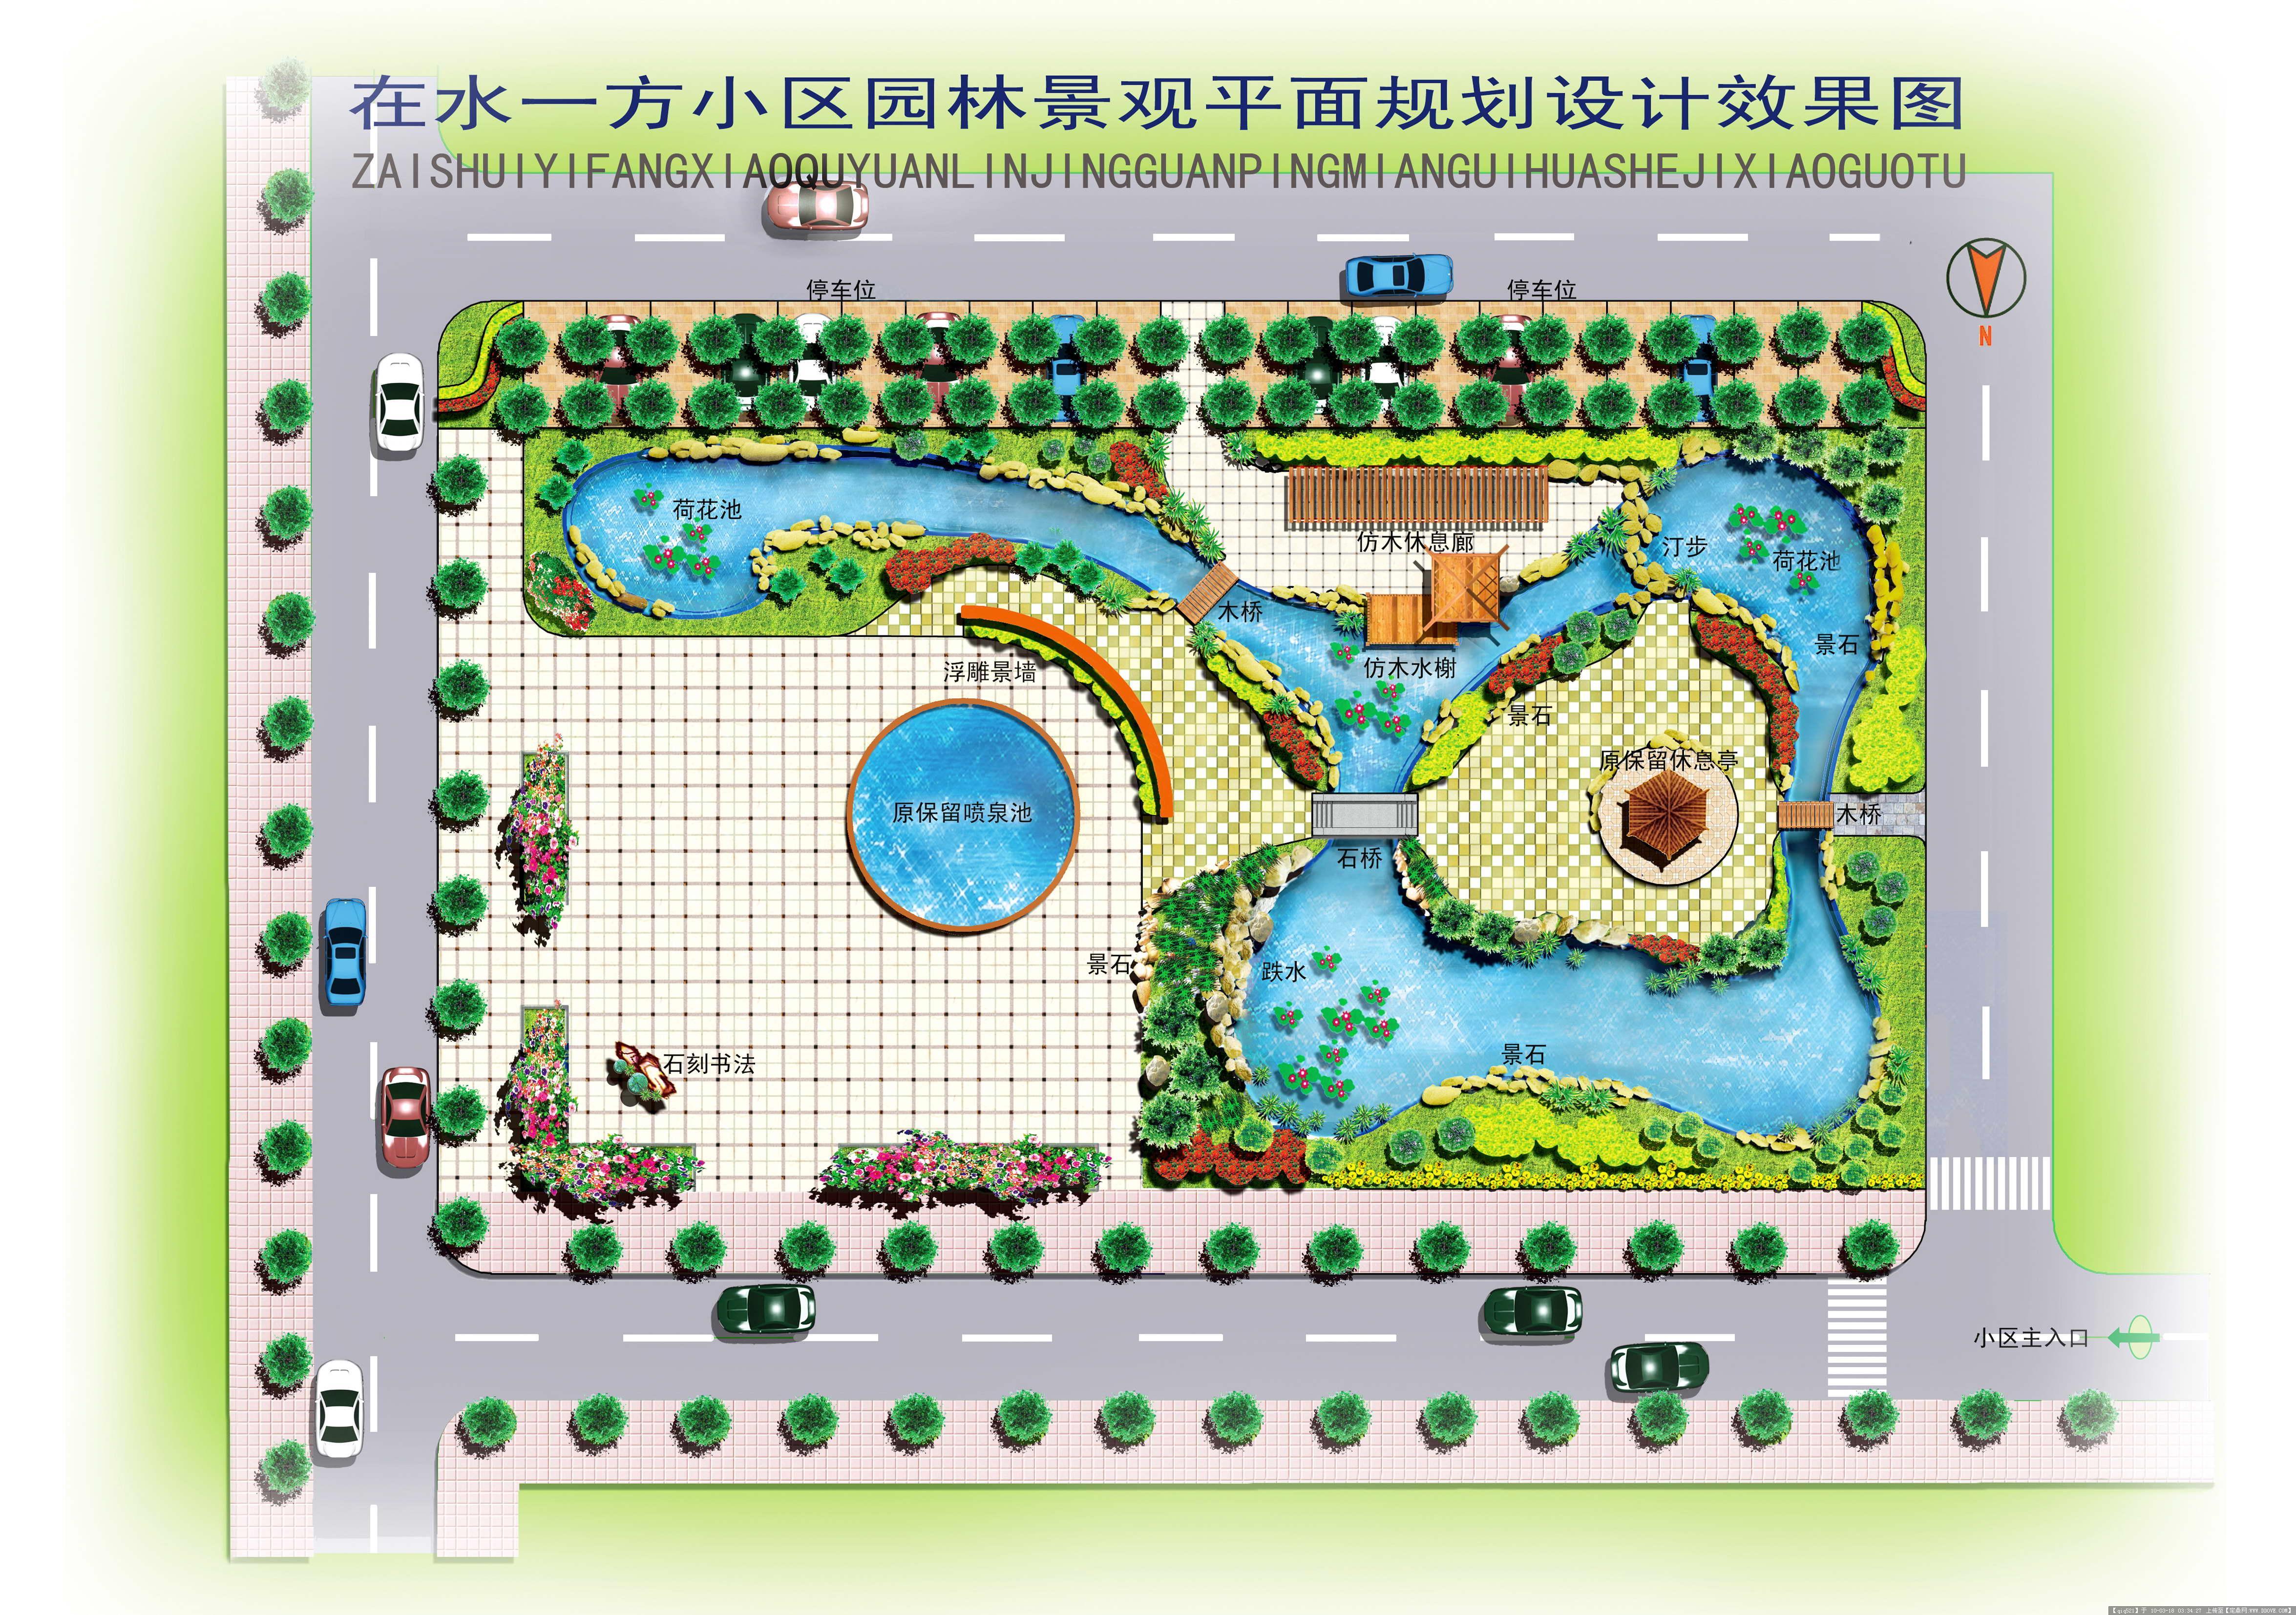 小区入口游园平面效果图的图片浏览,园林方案设计,区